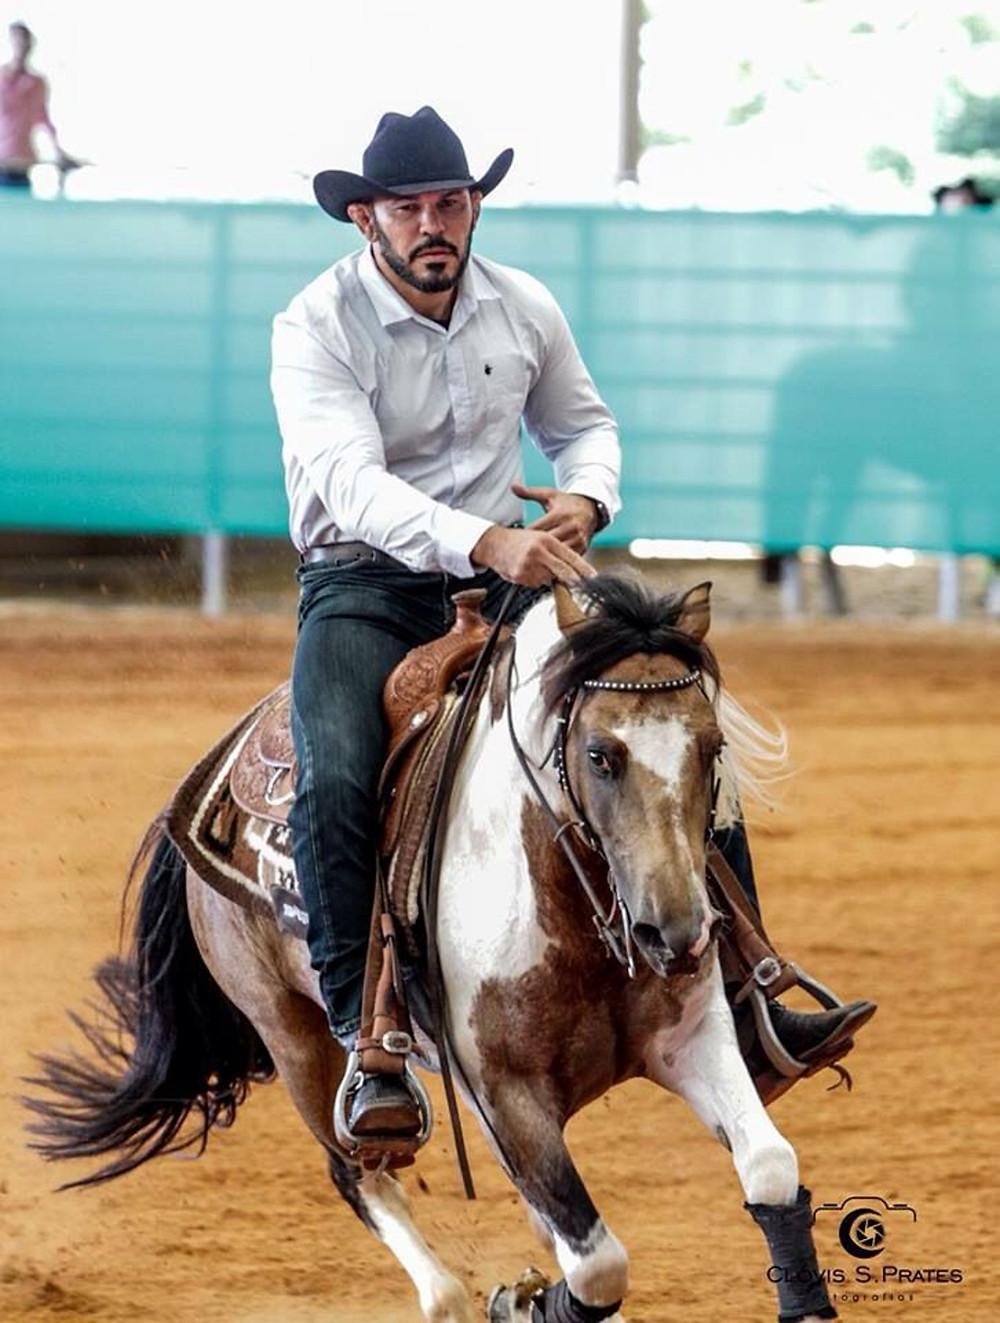 Rodrigo Minotauro: dos ringues às pistas na modalidade Rédeas (Clovis Prates)